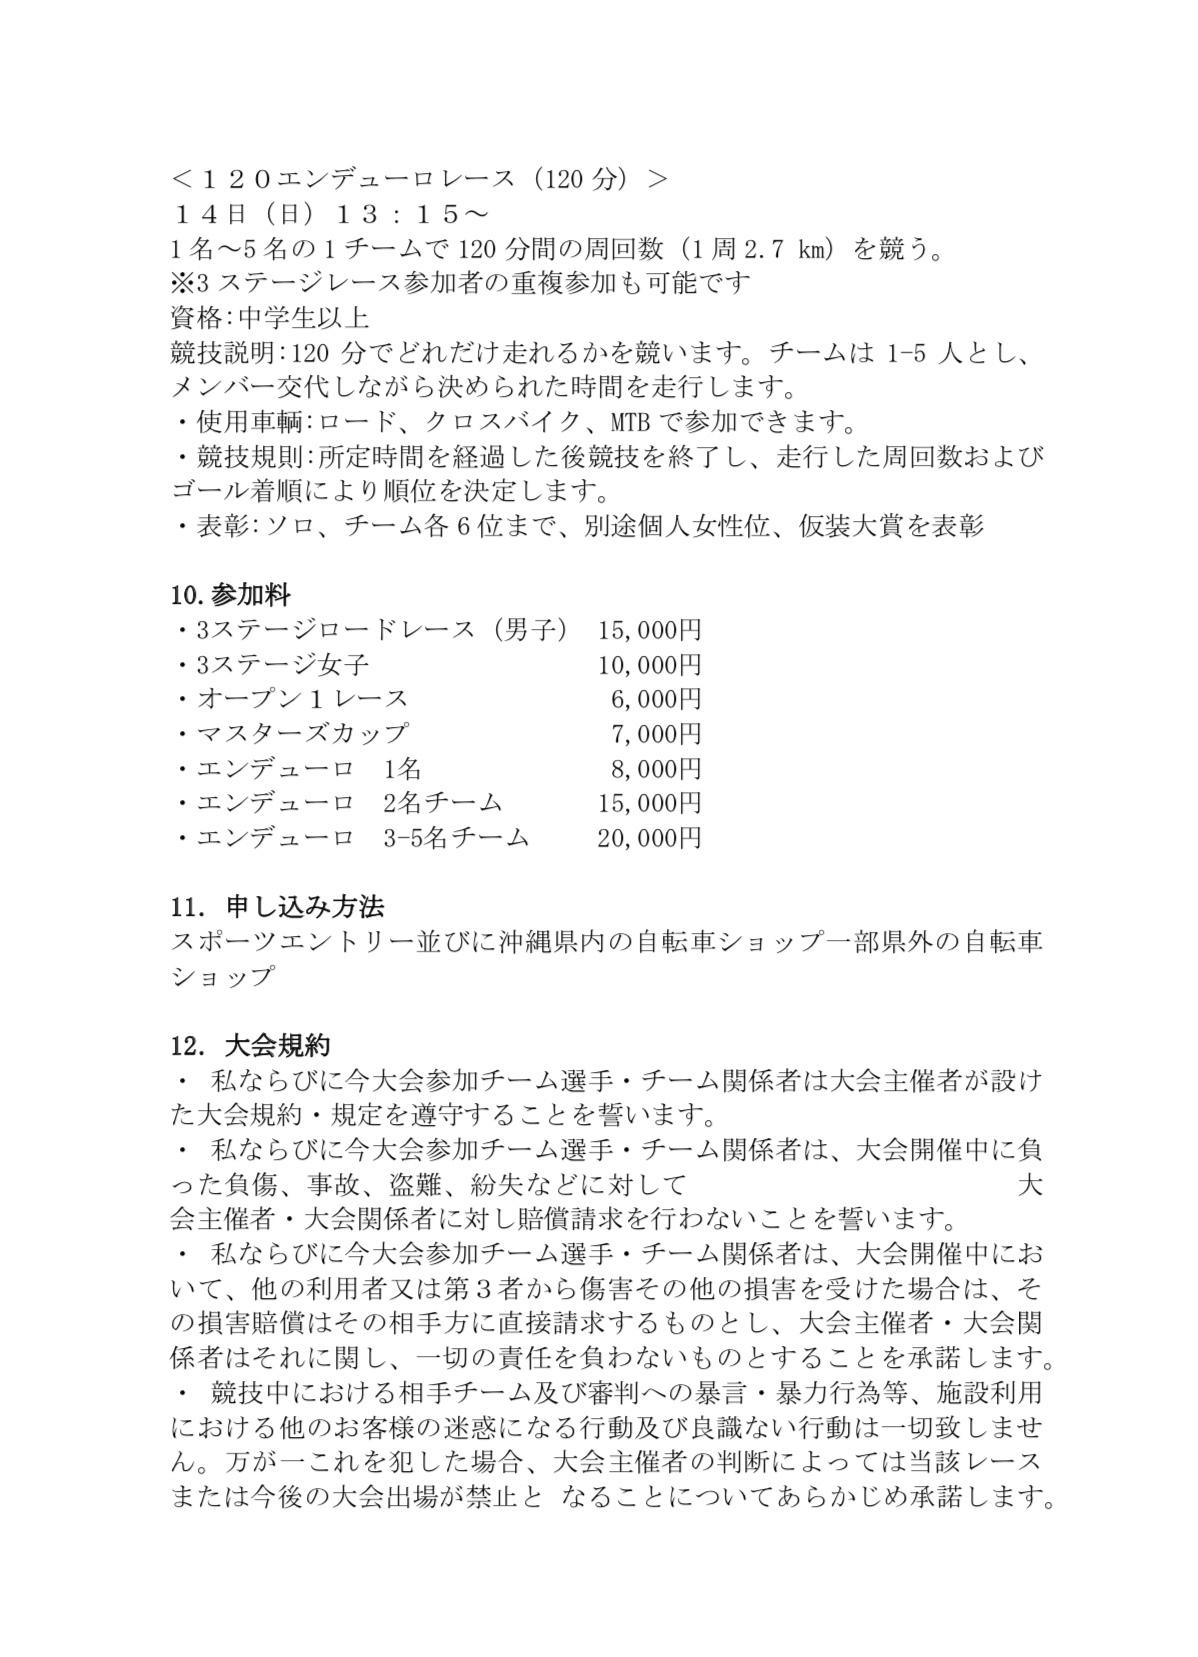 3/15迄。4/13.14(土.日)〝おきなわロードレース〟 3ステージ in ANA SPORTS PARK 浦添_e0363689_16361677.jpeg